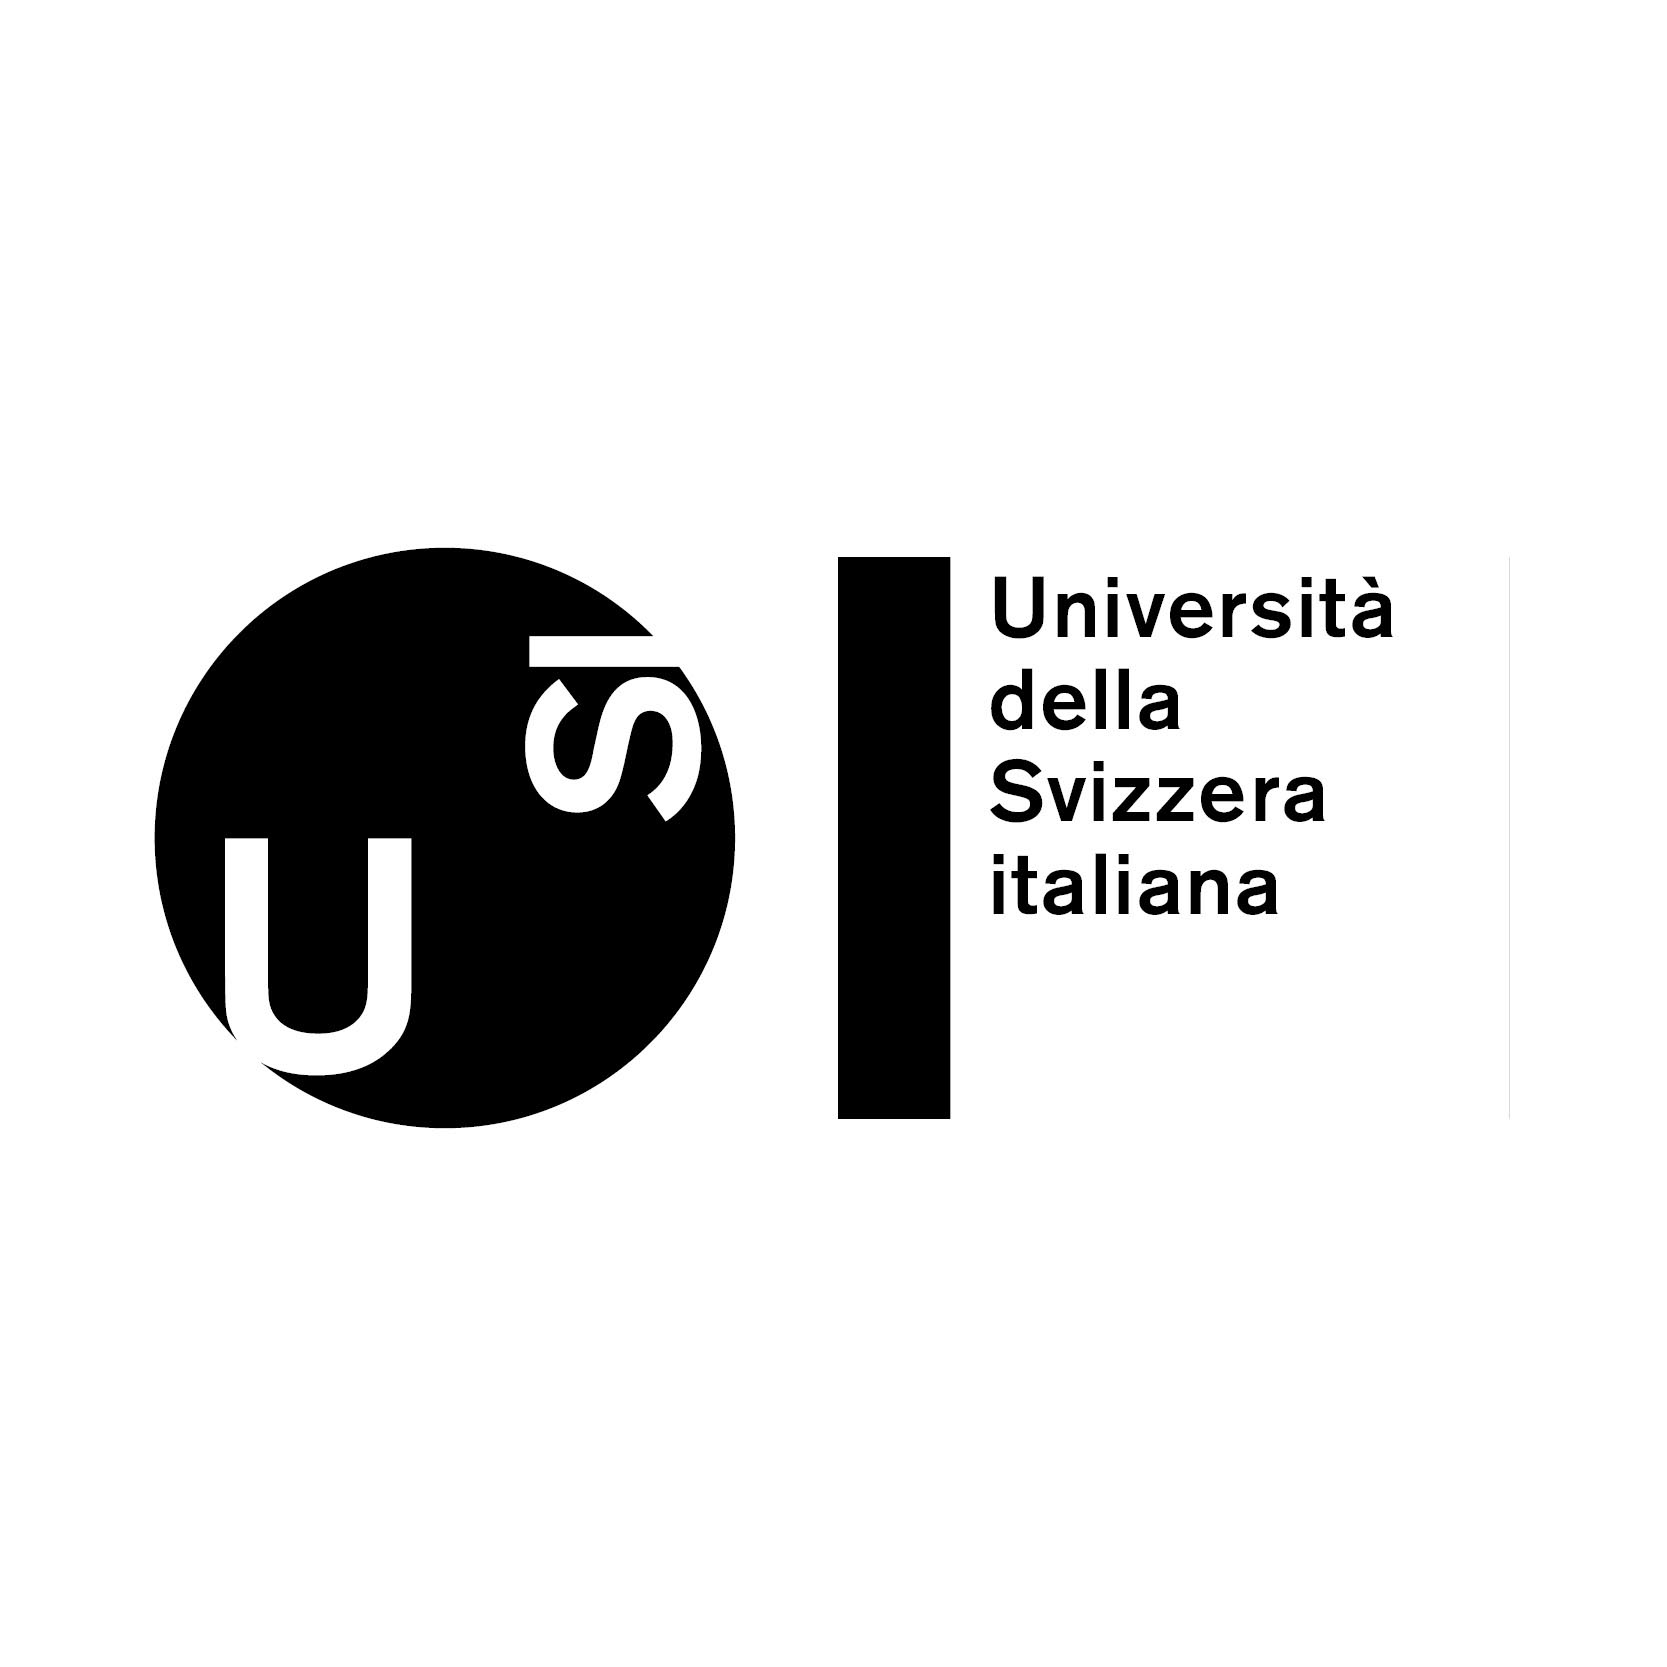 Università della Svizzera italiana